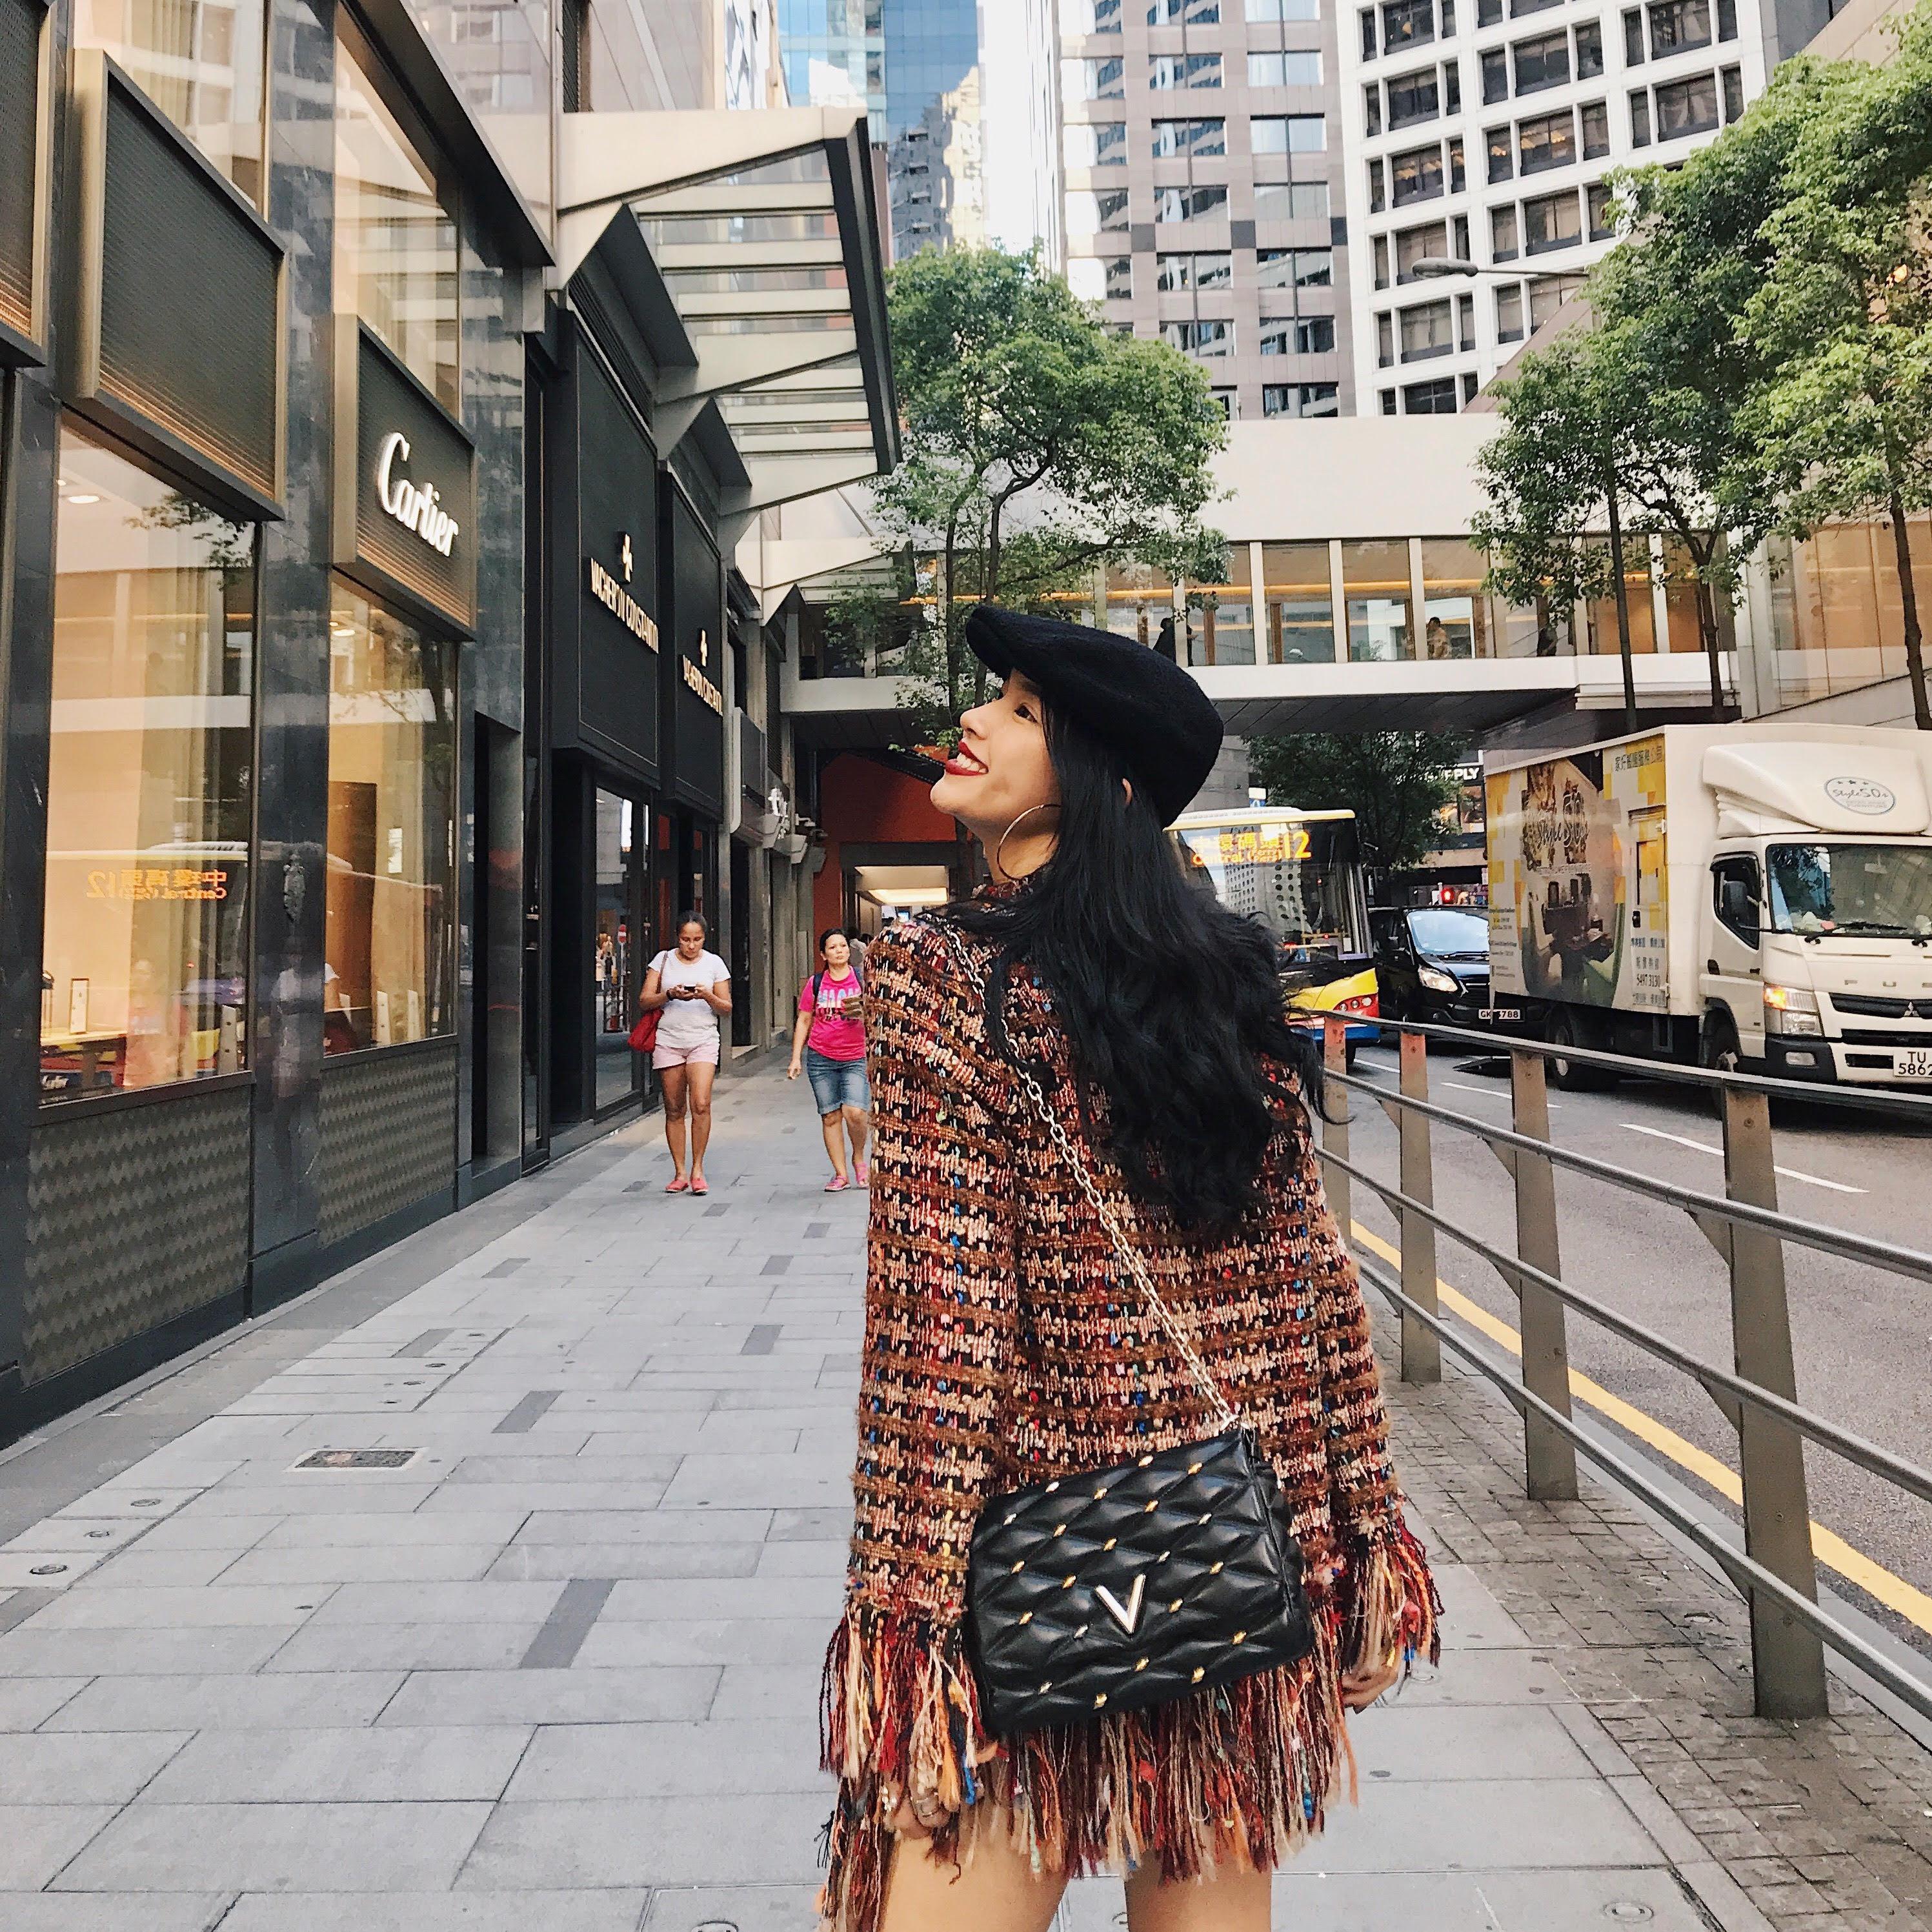 Không mời sao Việt nào, nhưng Louis Vuitton lại mời Châu Bùi tham dự sự kiện ra mắt BST Cruise 2018 tại Hong Kong - Ảnh 1.